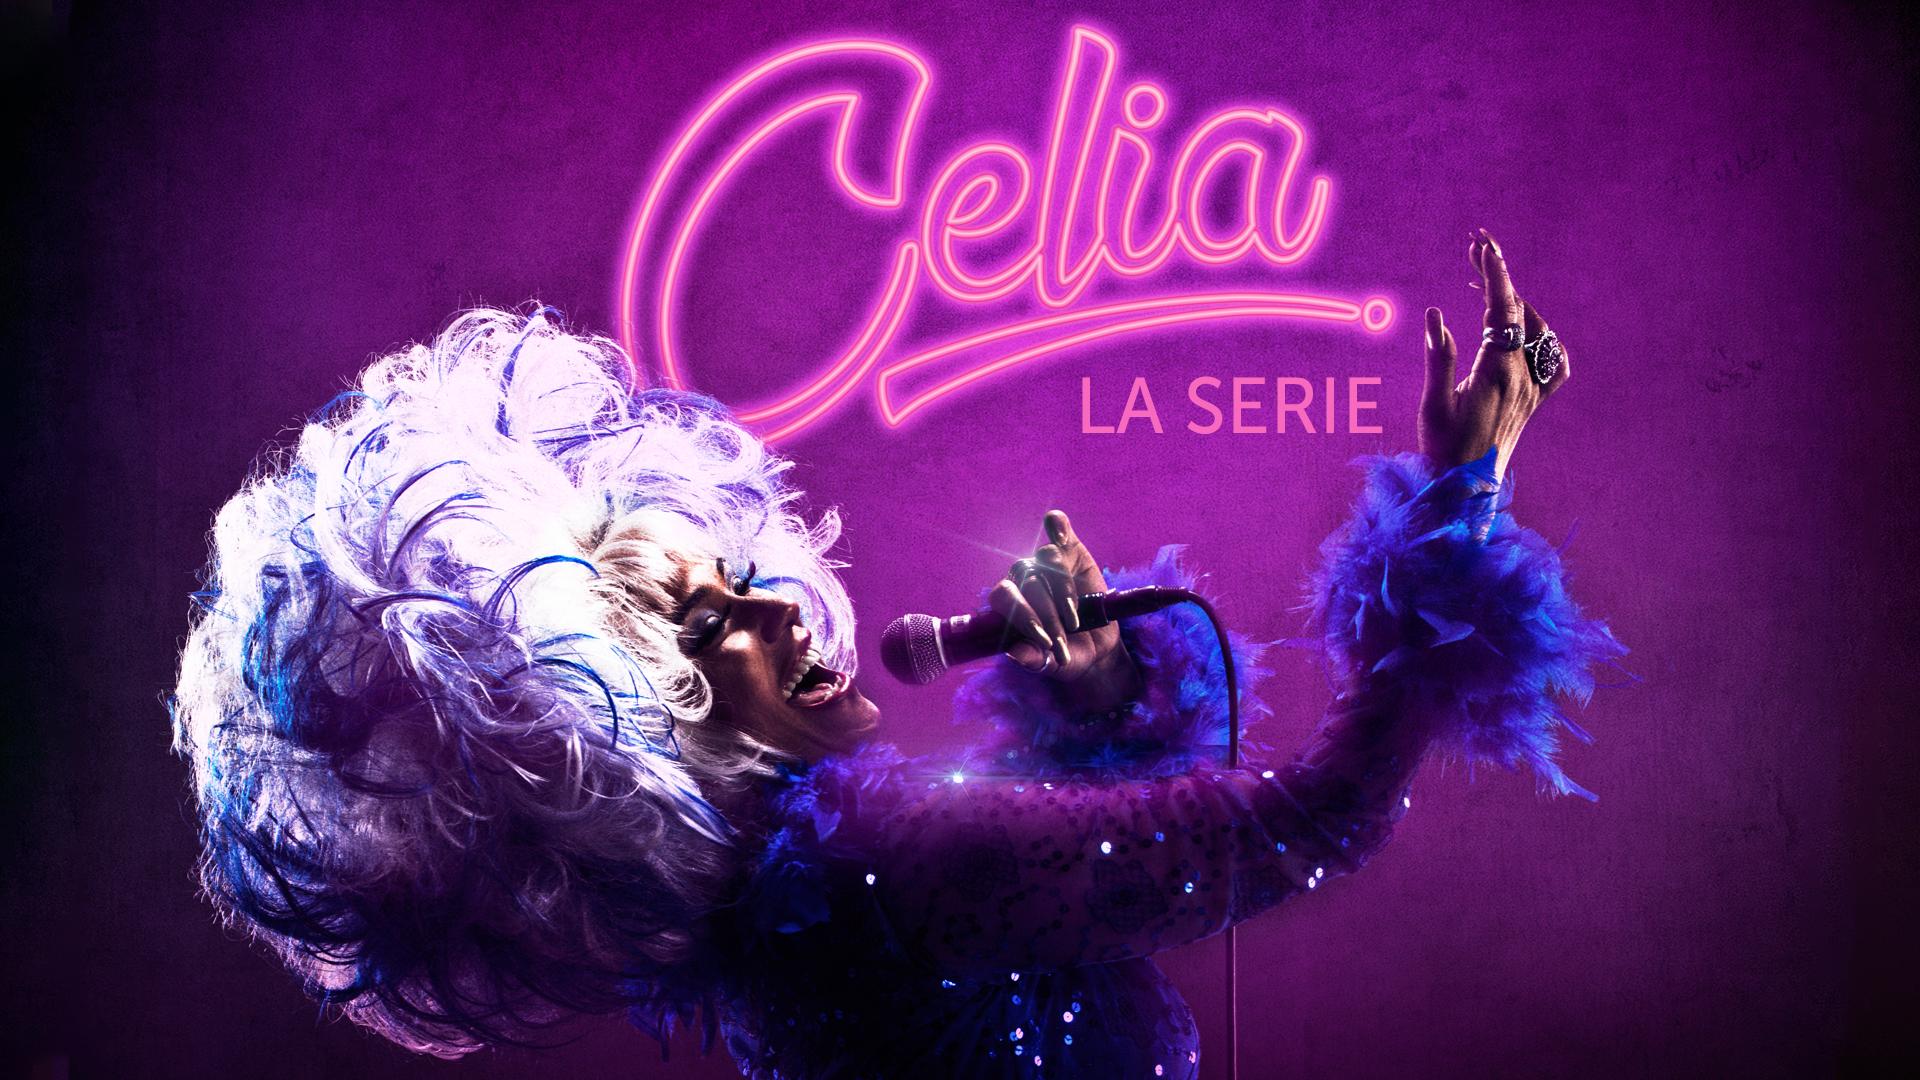 Celia - La mujer detras de la voz 1x33 Latino Disponible